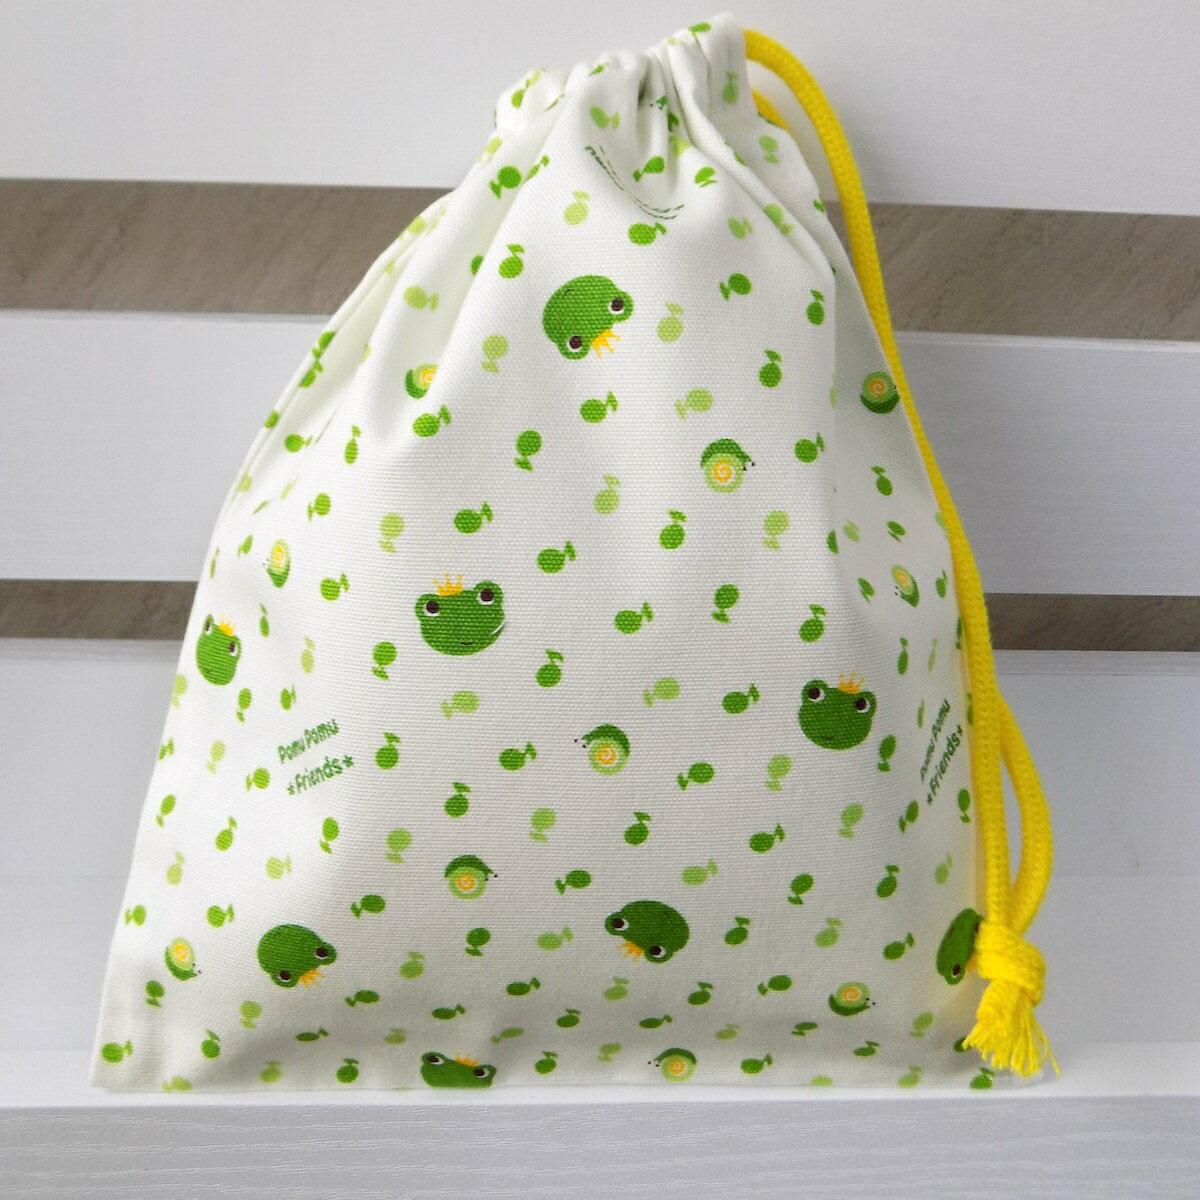 通園・通学グッズ・【巾着】【かえる】子供用・きんちゃく袋・給食袋・カエル・きみどり・黄色・かたつむり♪